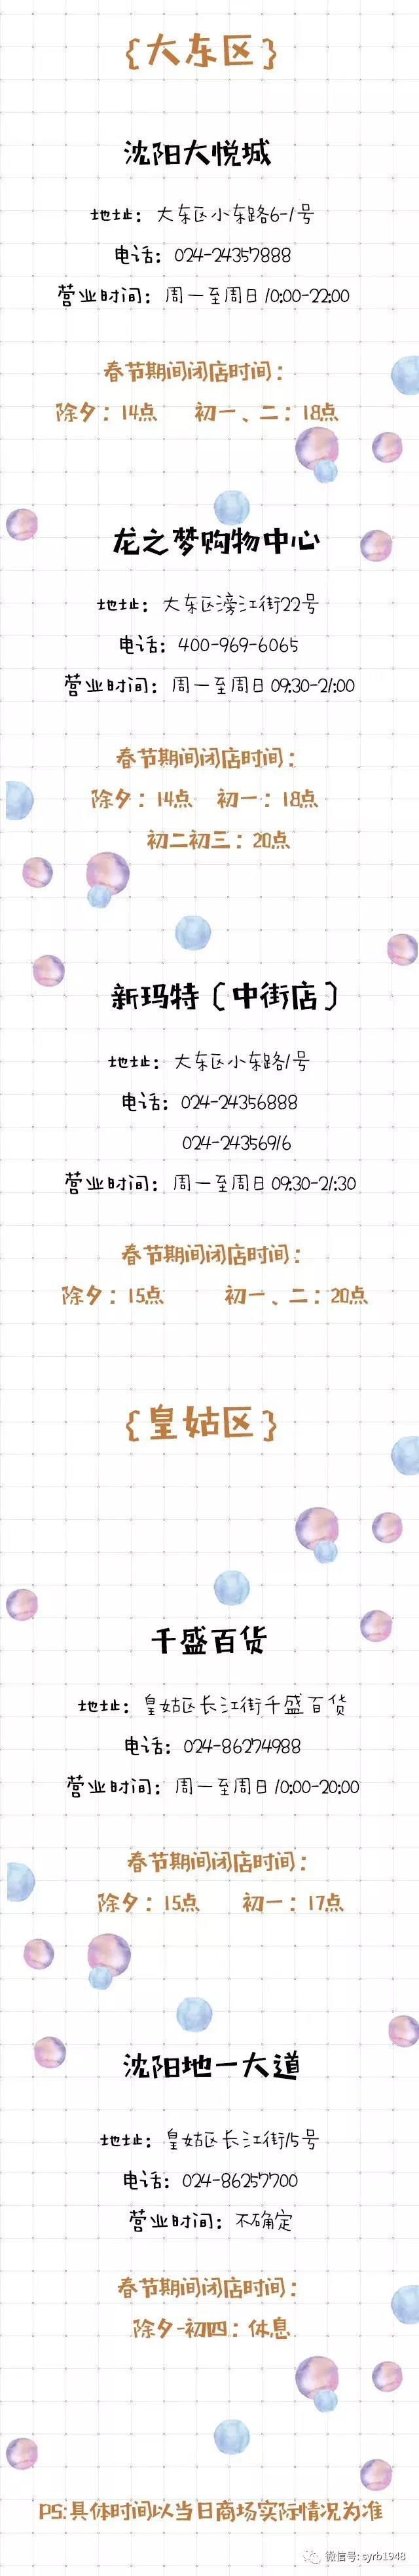 cbf78f0513a16b69.jpg